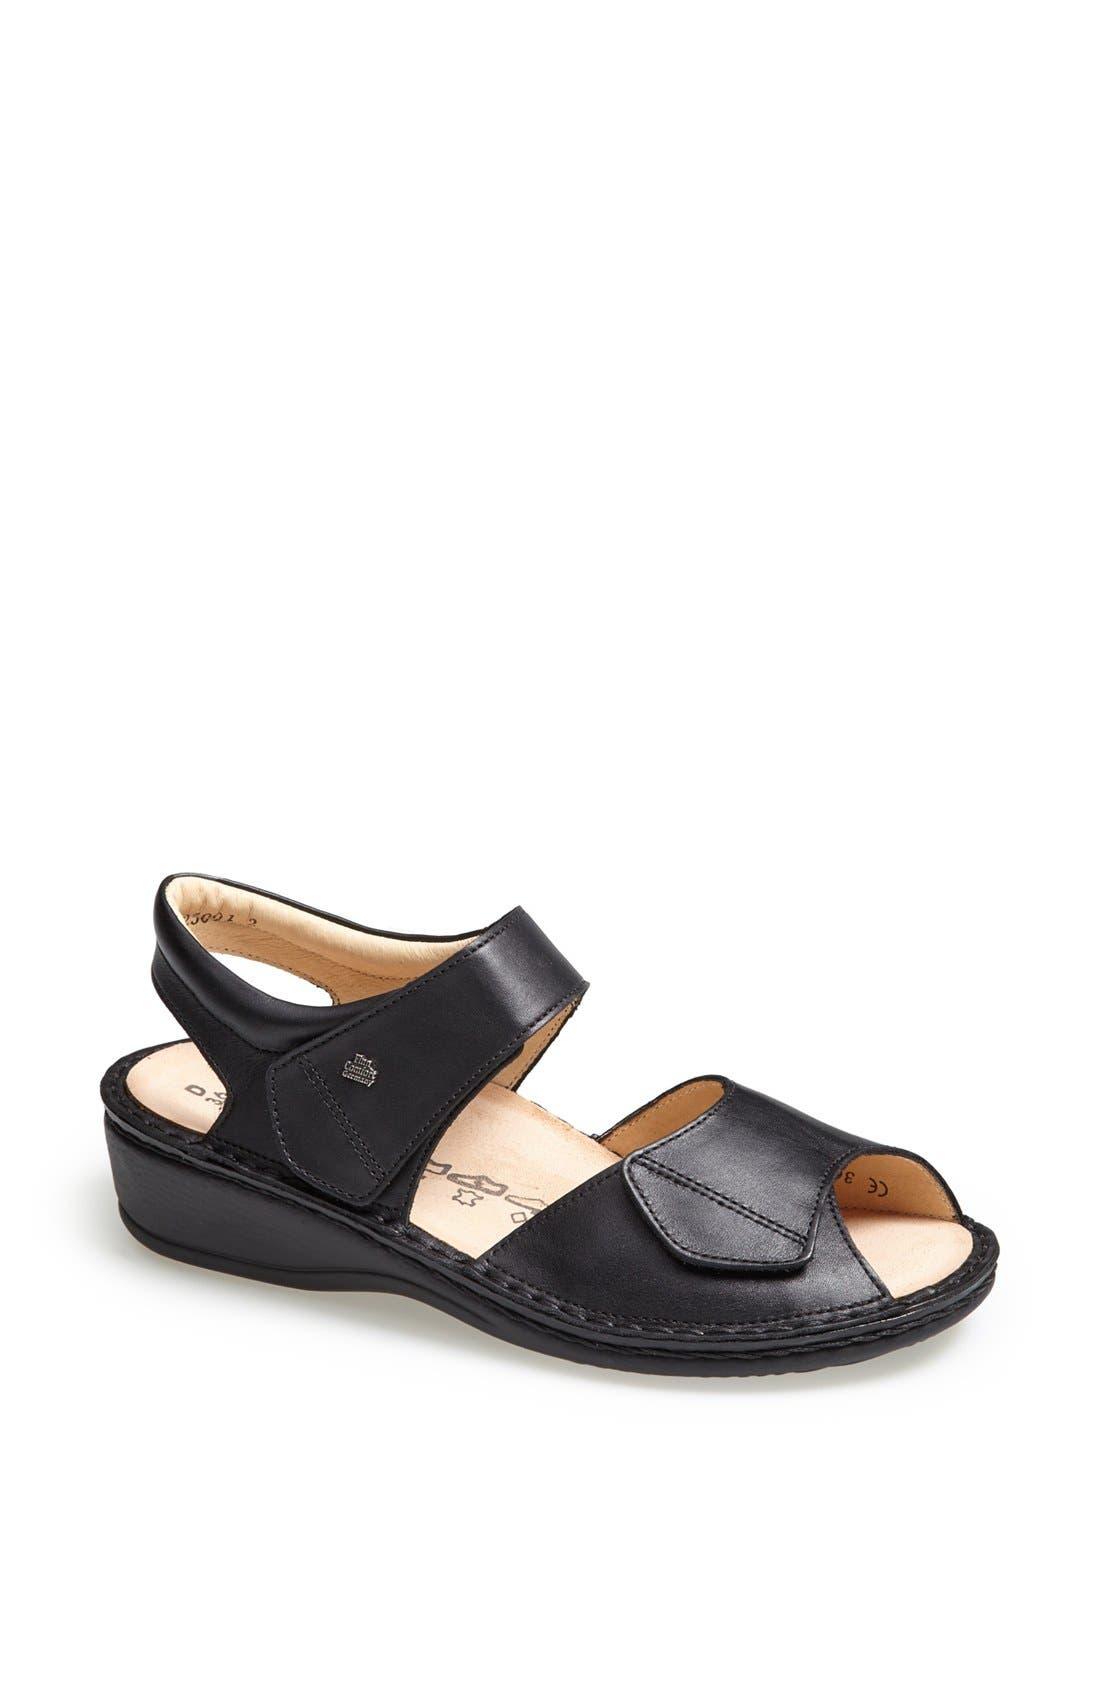 Finn Comfort 'Faro-S' Leather Sandal